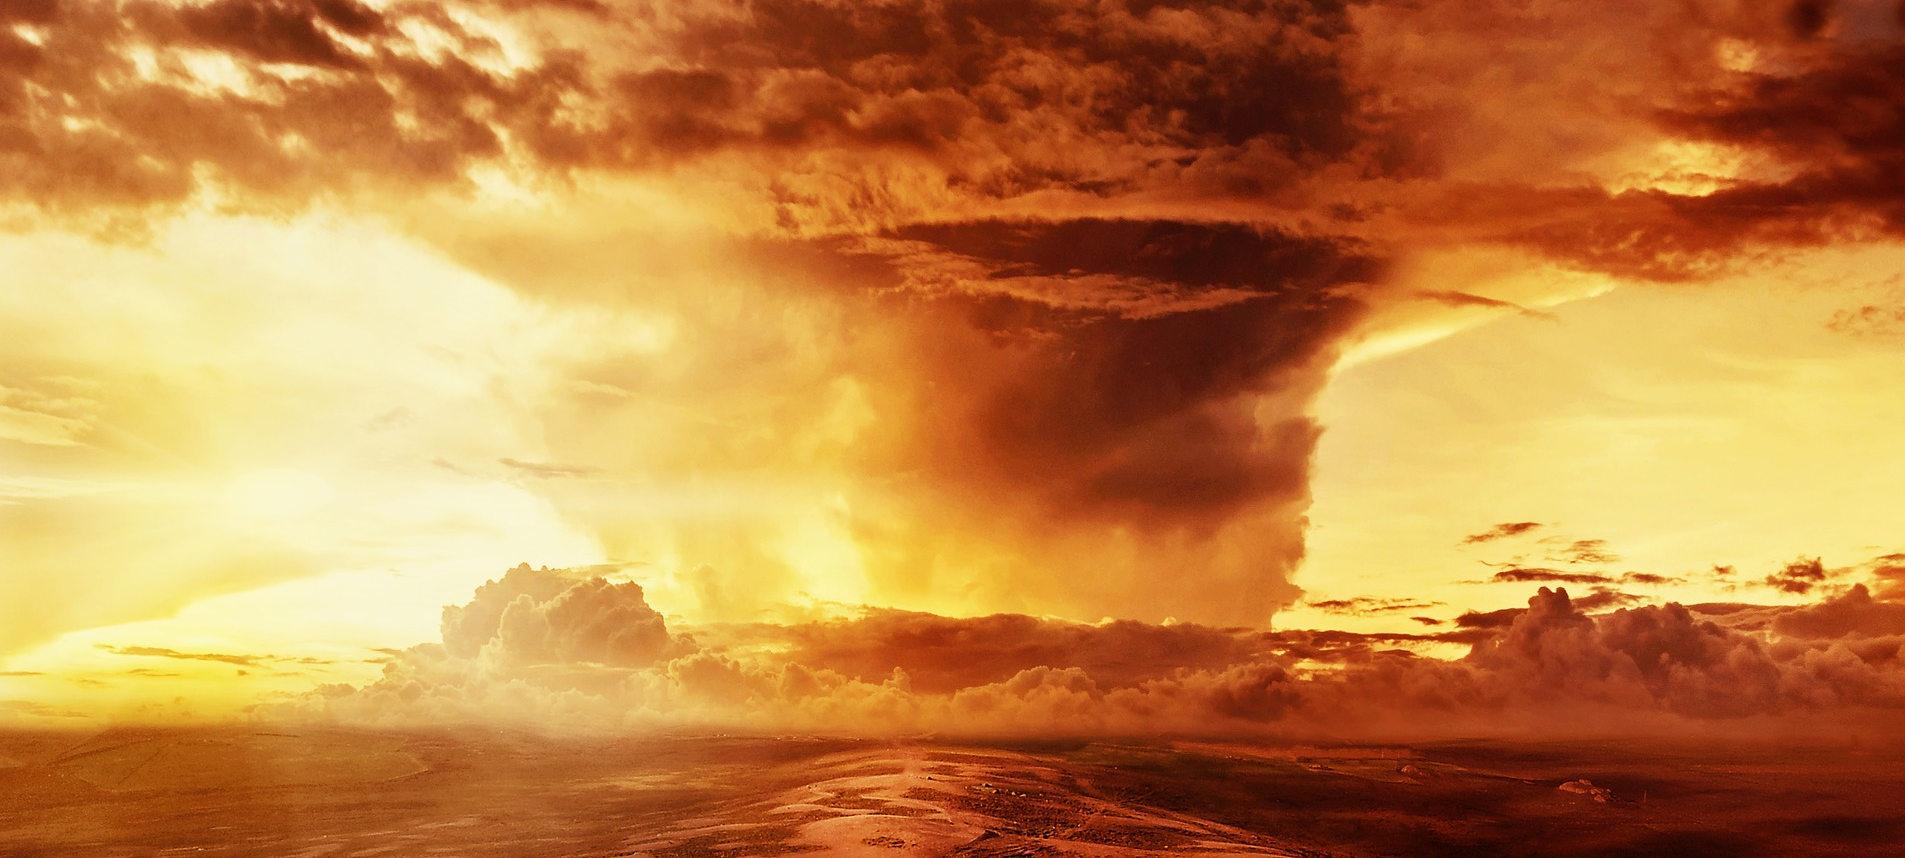 Vom verborgenen Leuchten Gottes (Foto: Darkmoon Art auf www.pixabay.com)